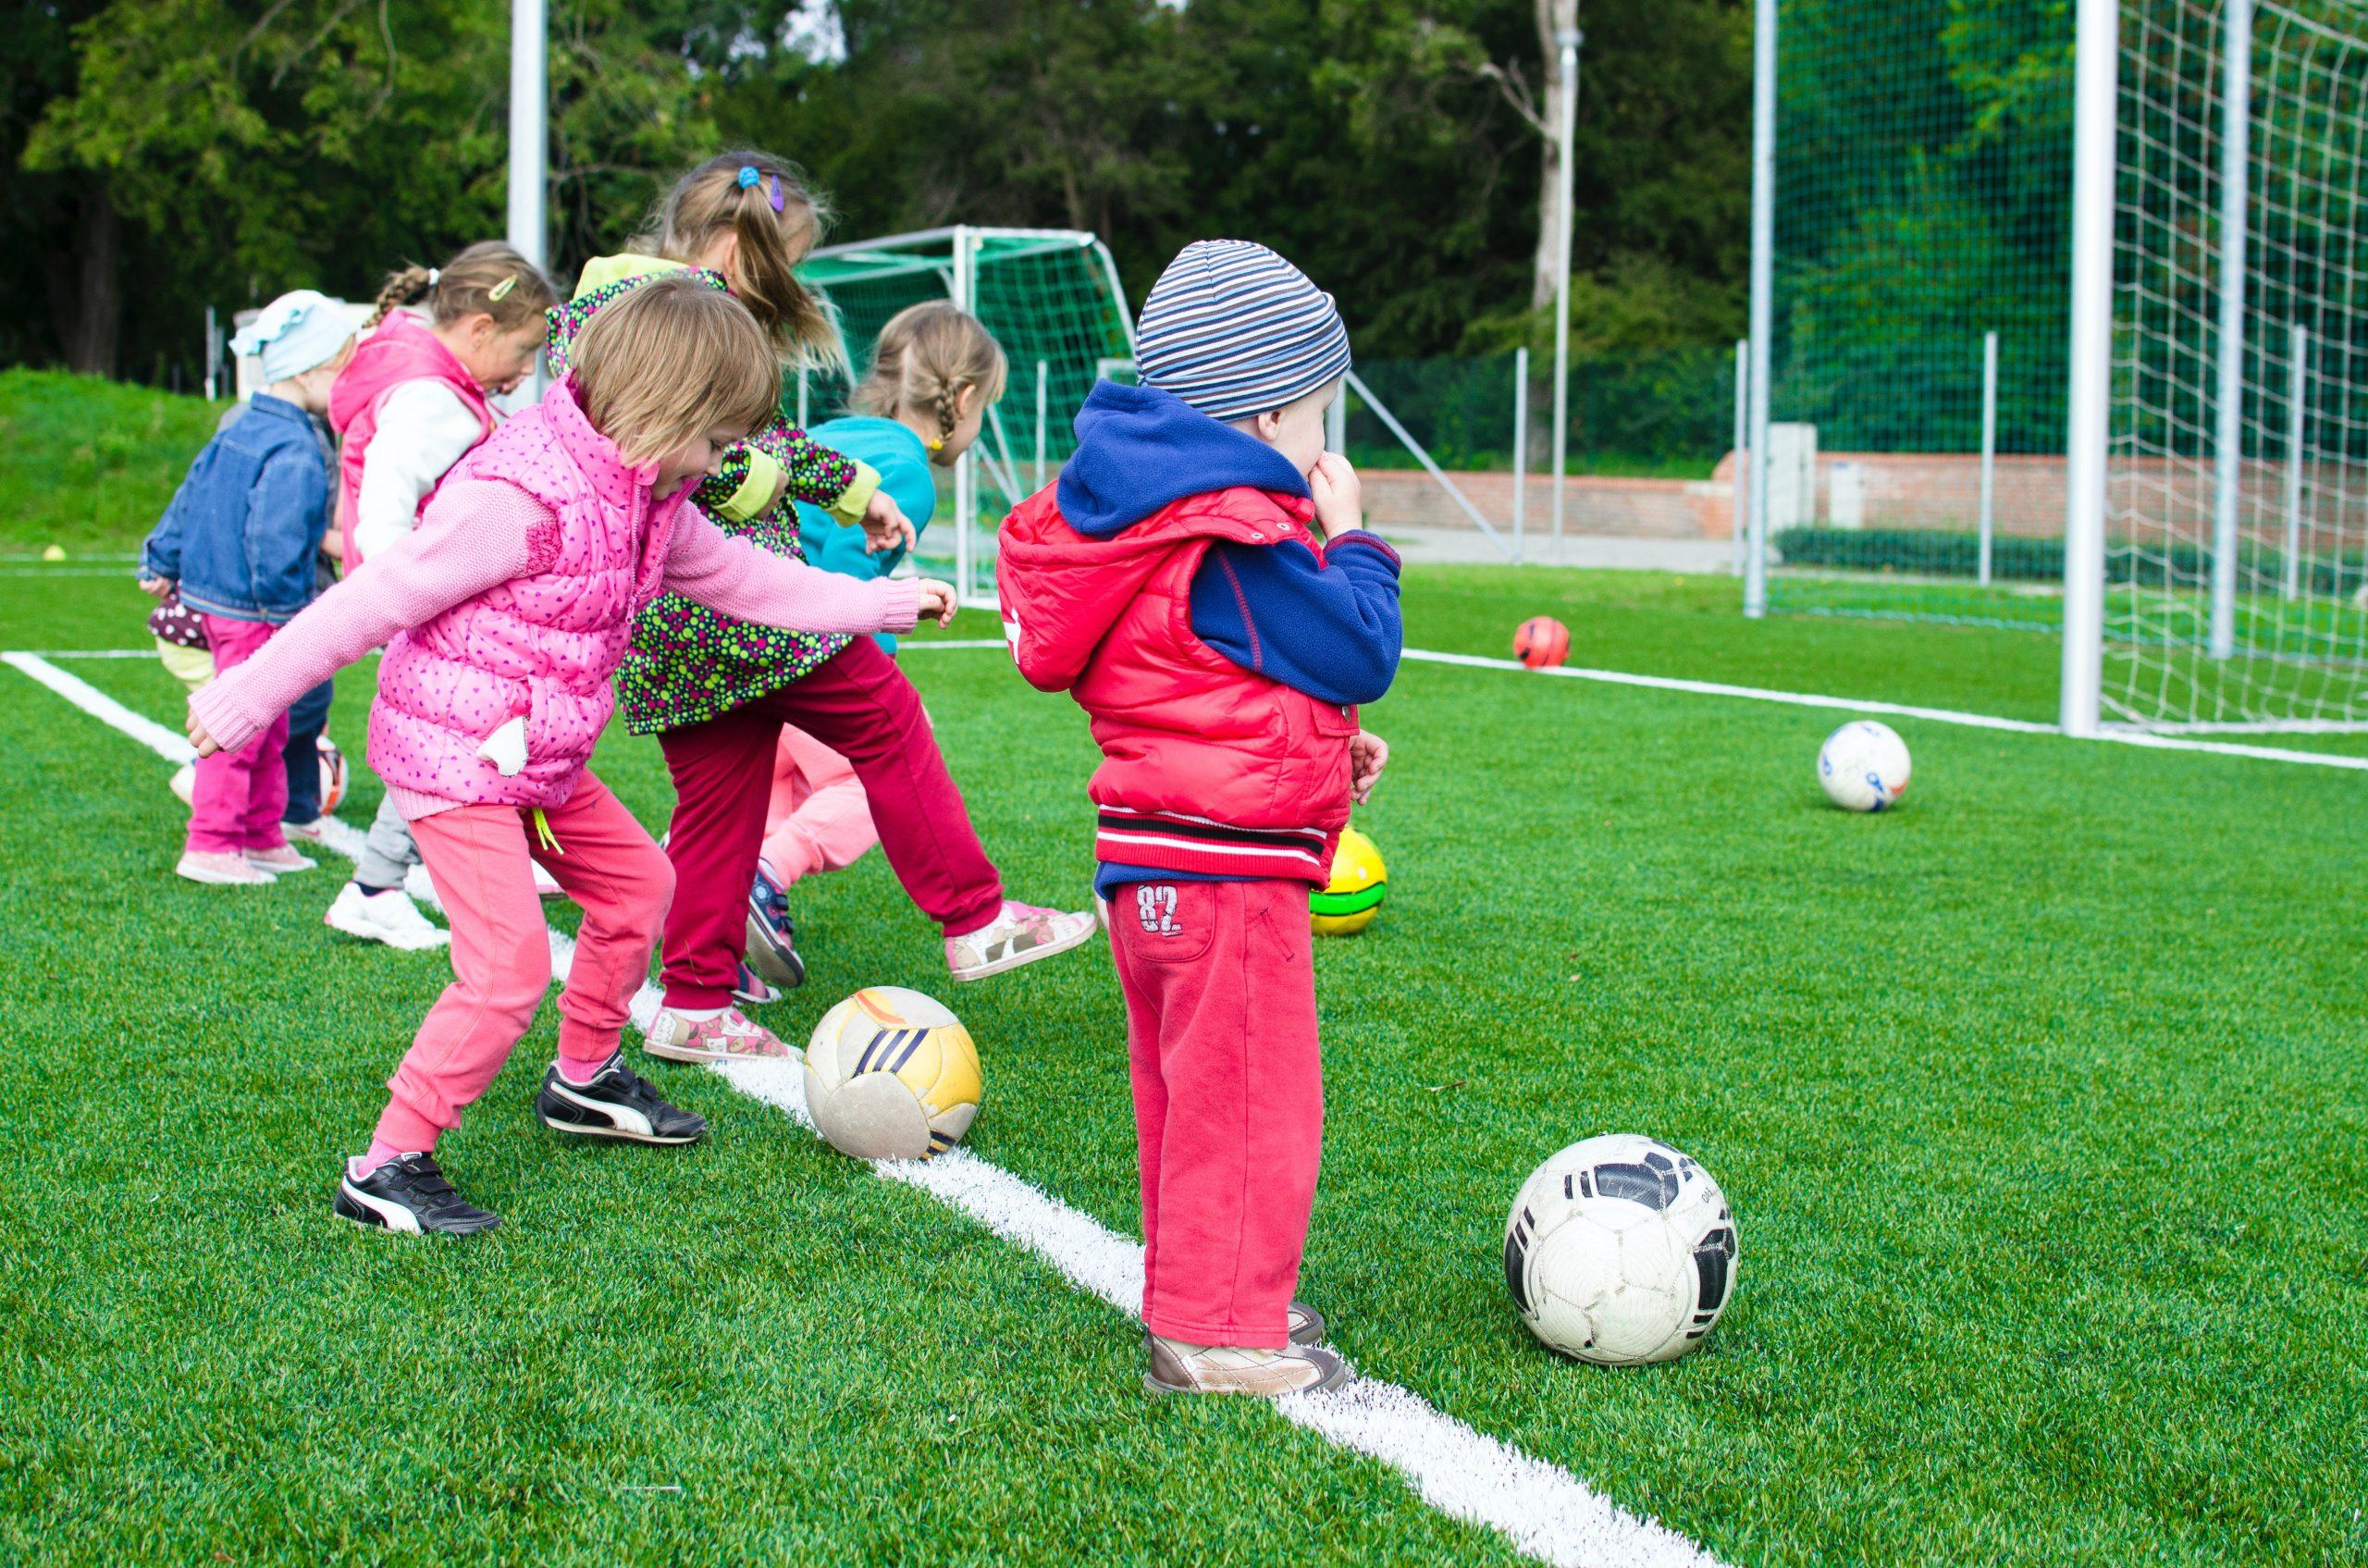 Foto com várias crianças bem pequenas chutando várias bolas ao gol